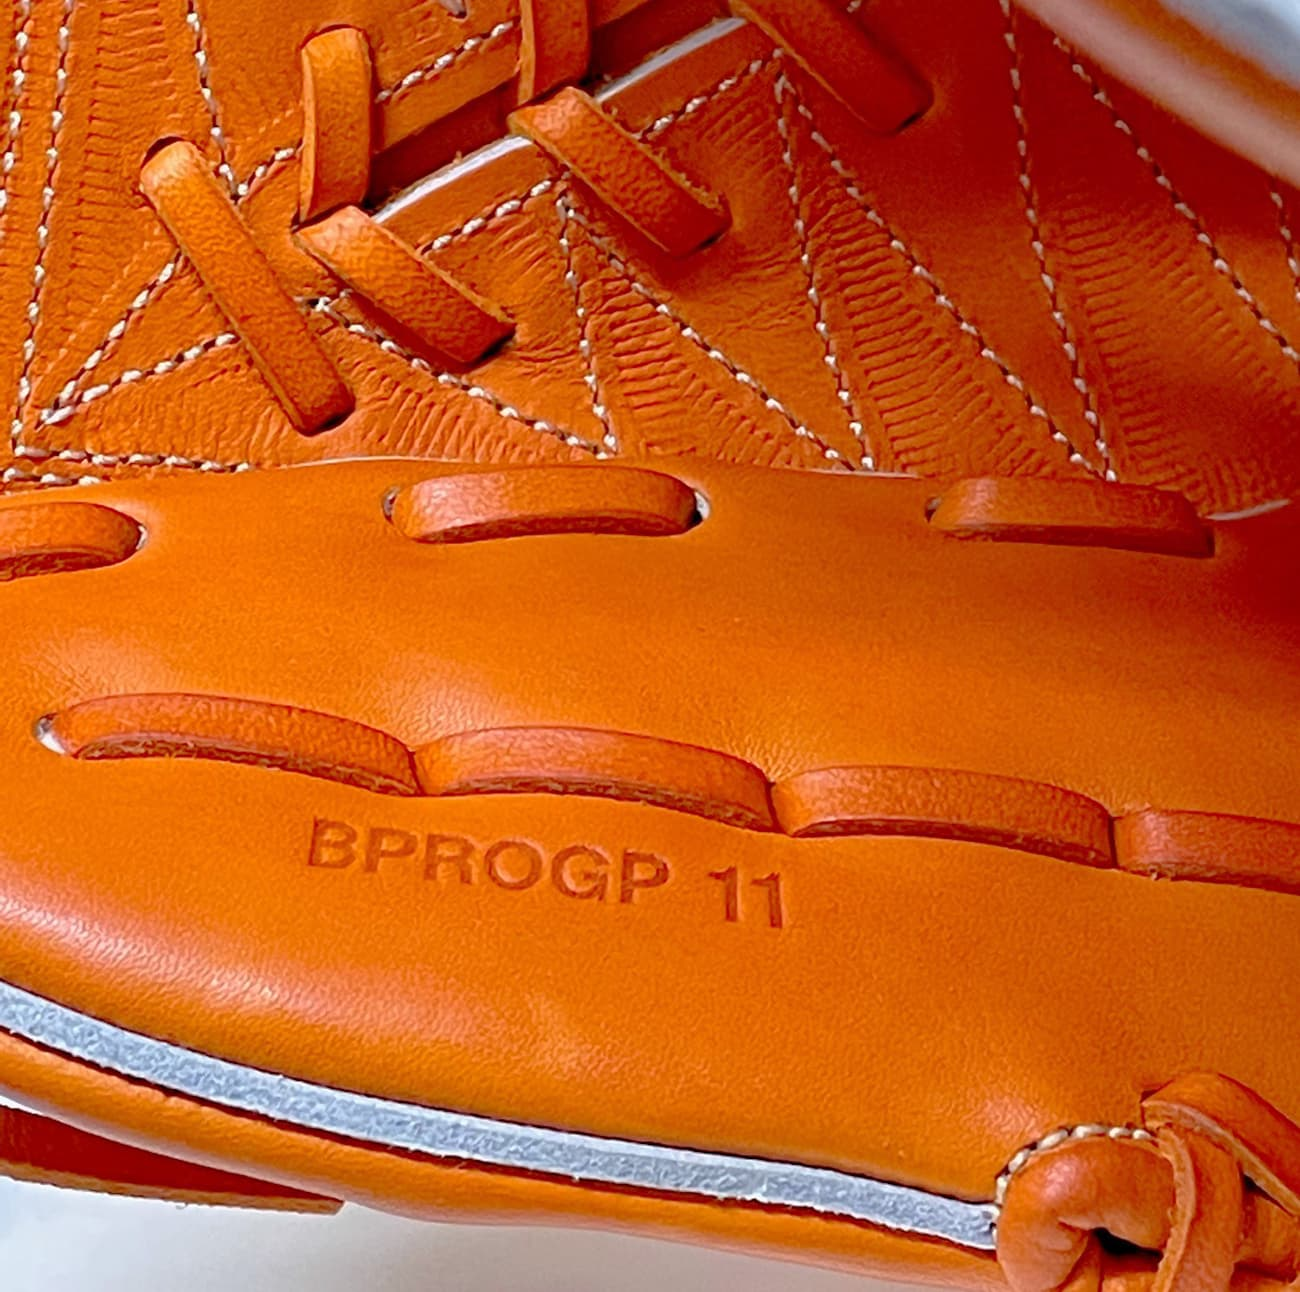 【ゼット】プロステータスプレミアム<限定>硬式野球用グラブ BPROGP11(ピッチャー・右投げ)made in japan